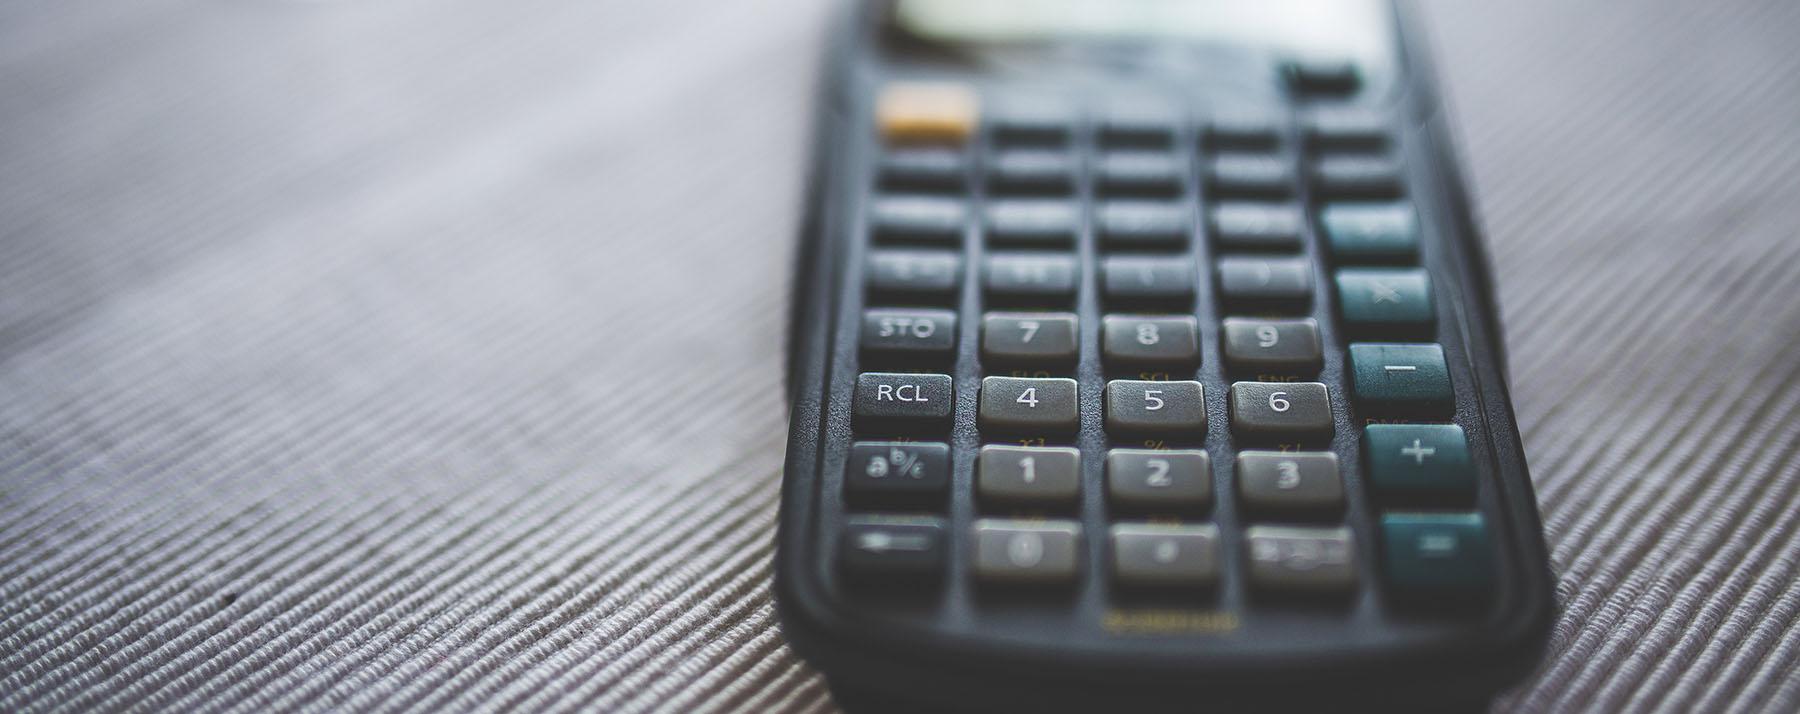 Des1gn ON - Como calcular sua hora de trabalho - fazer orçamento